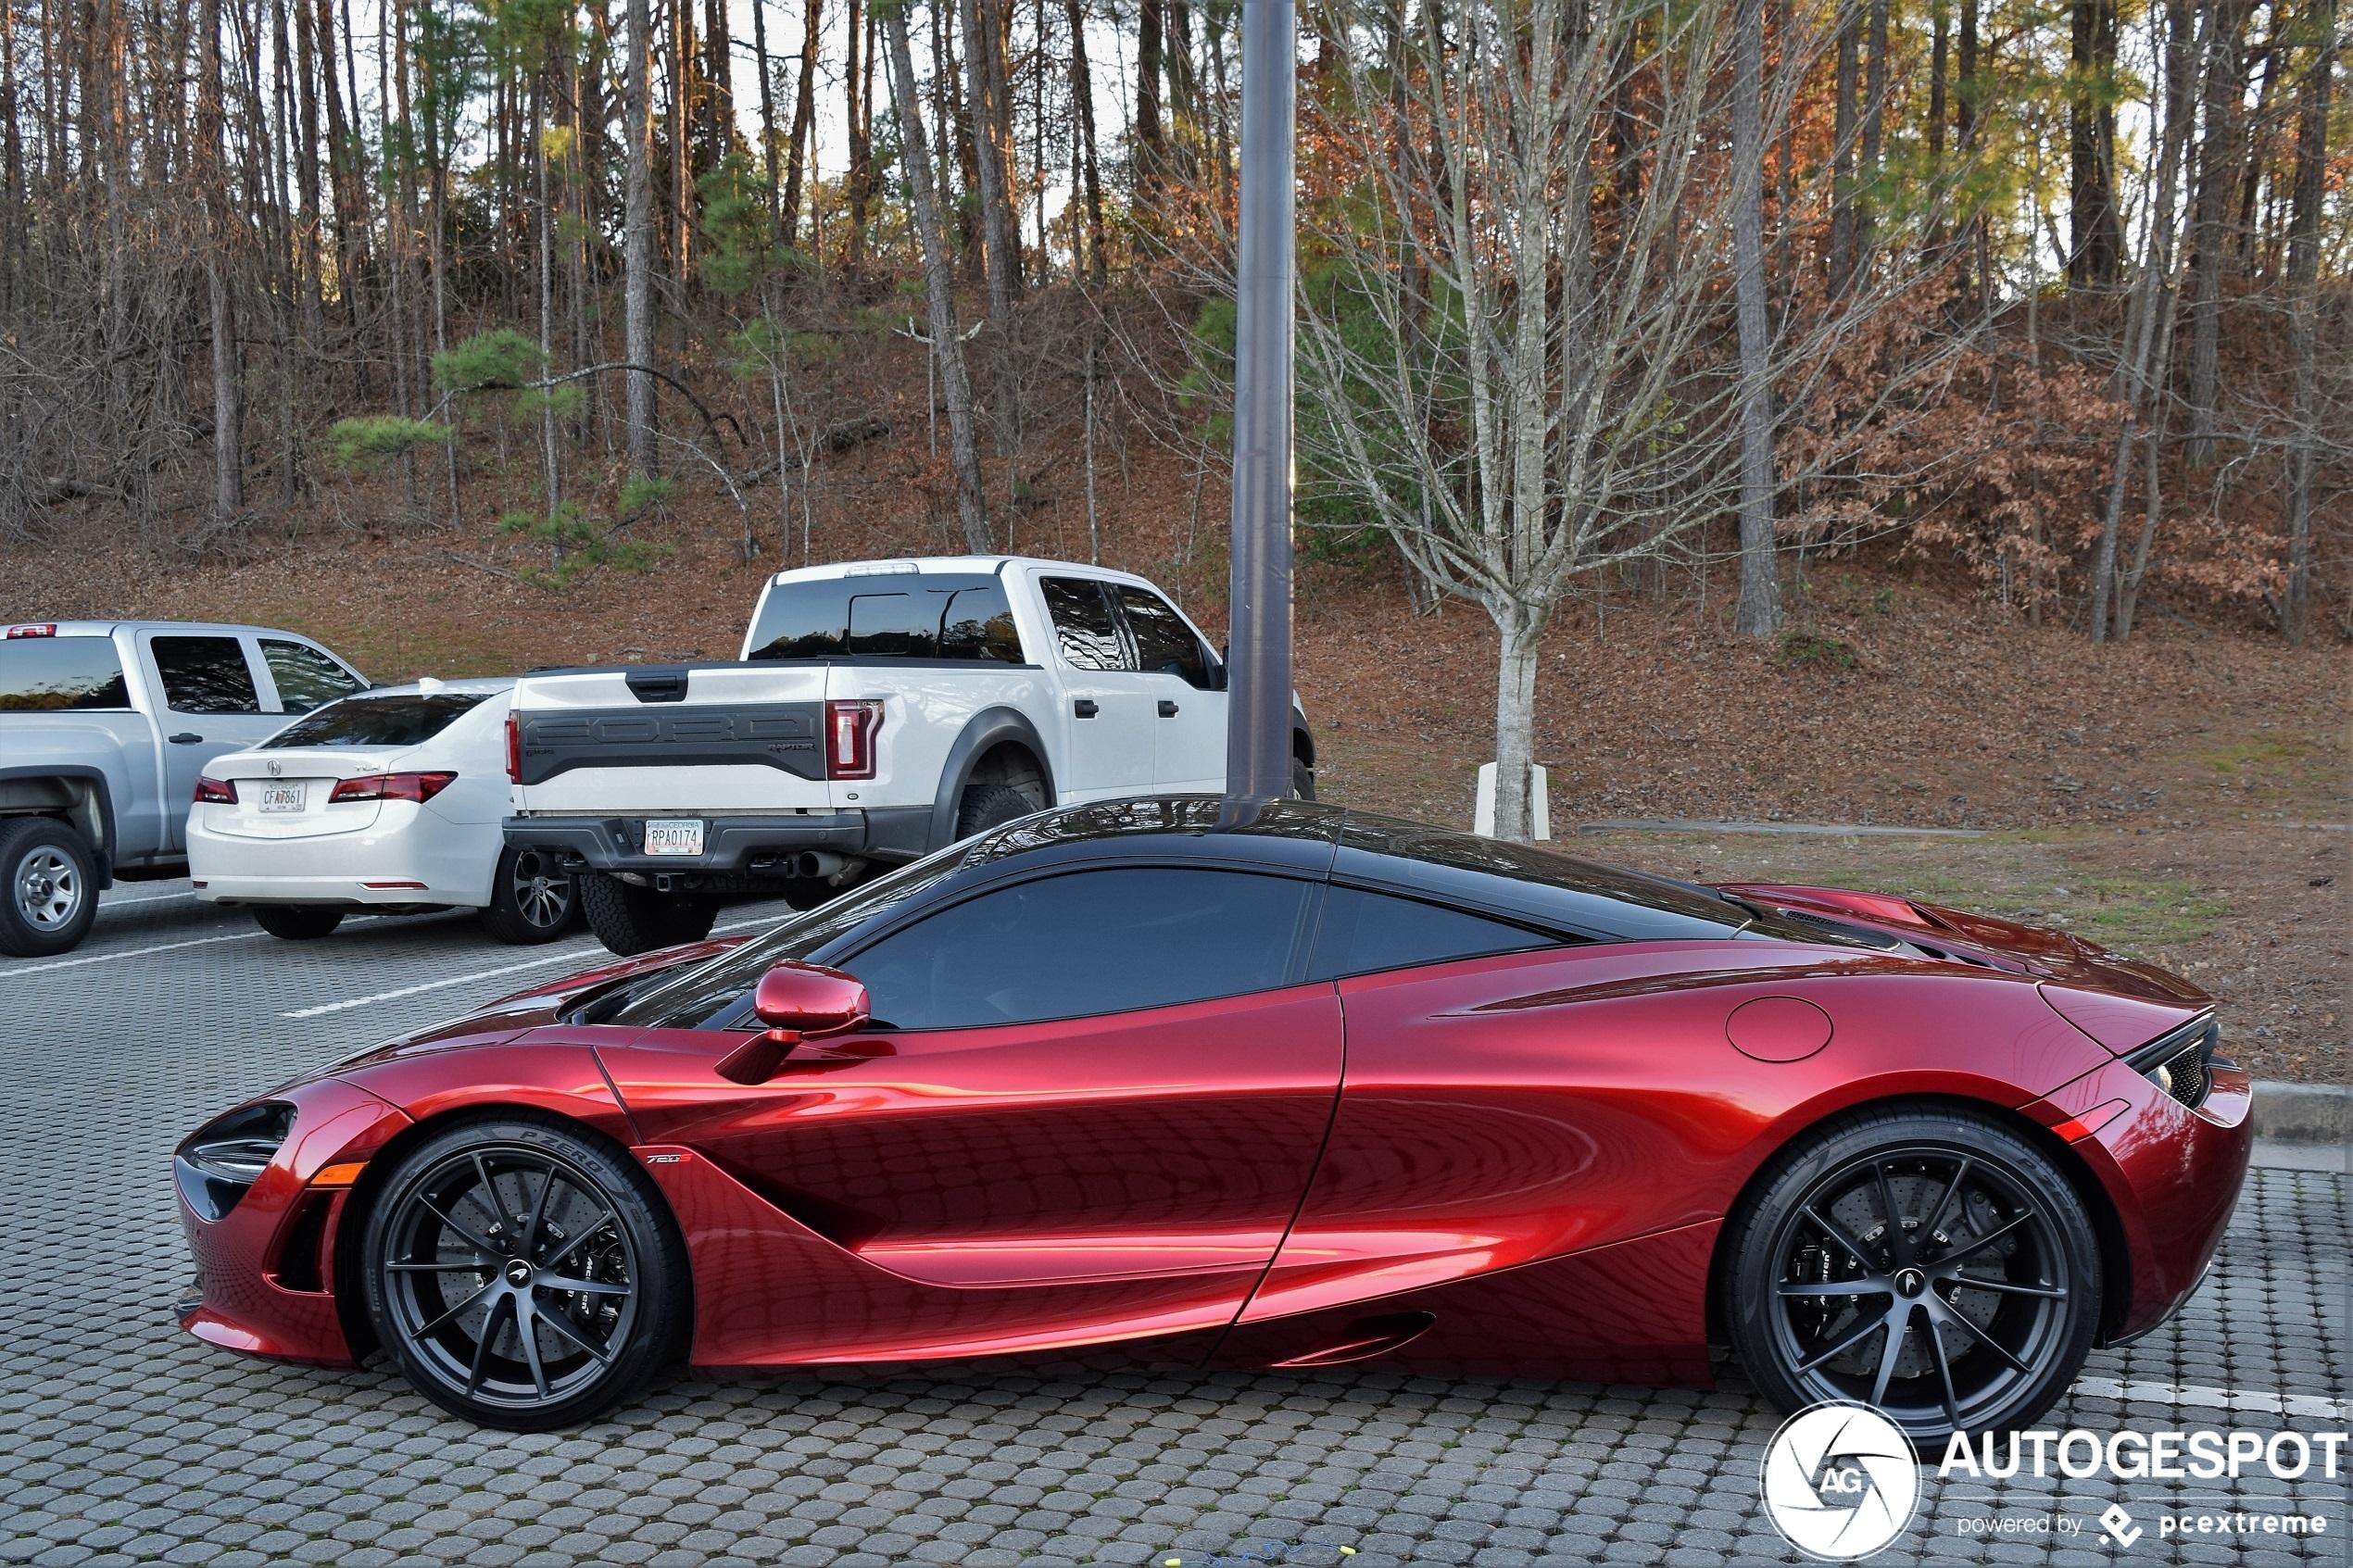 Is Volcano Red de beste kleur voor de McLaren 720S?